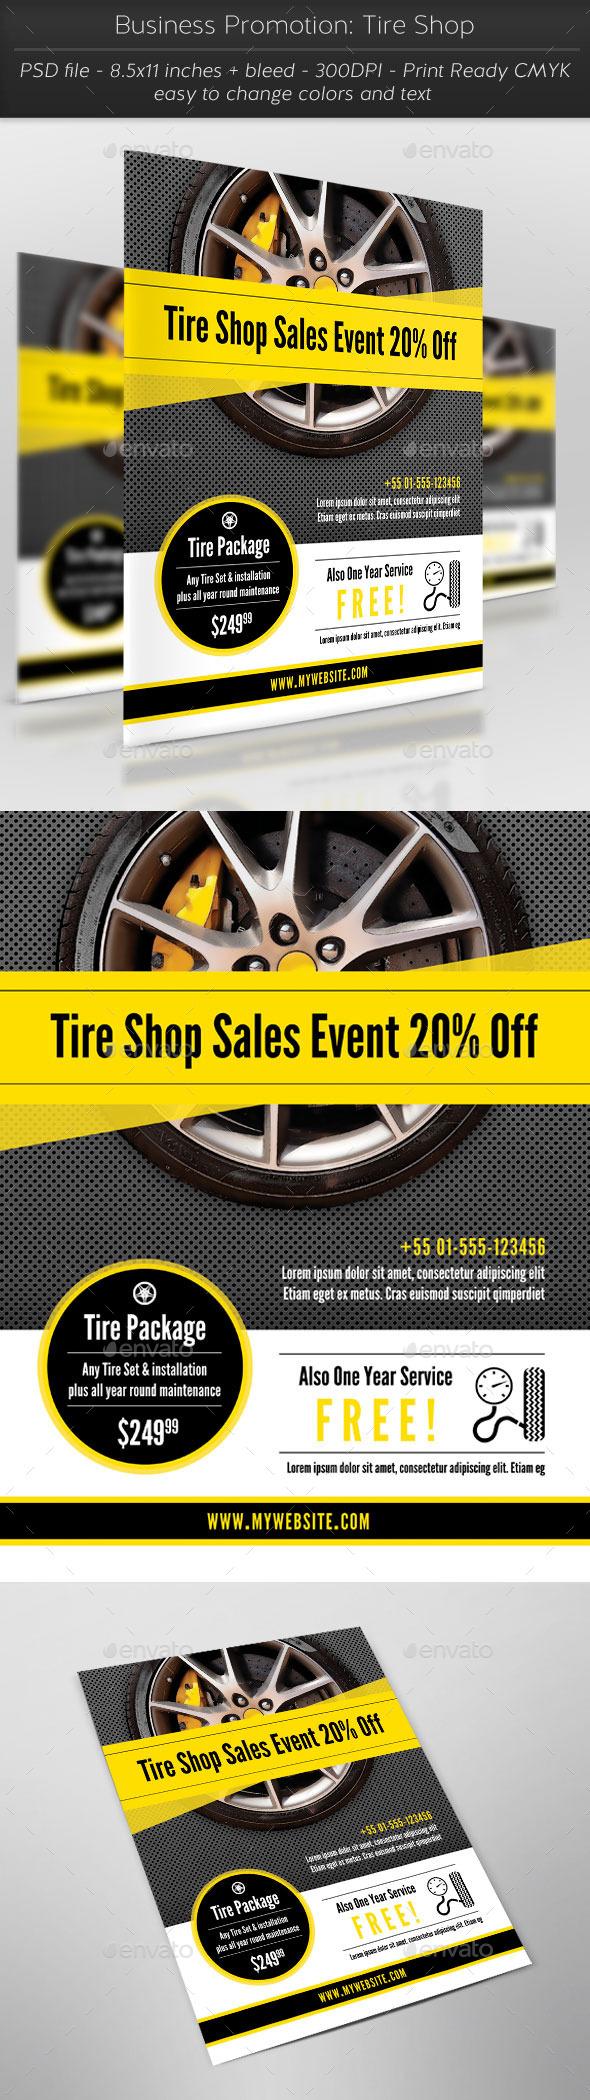 GraphicRiver Business Promotion Tire Shop 11427039